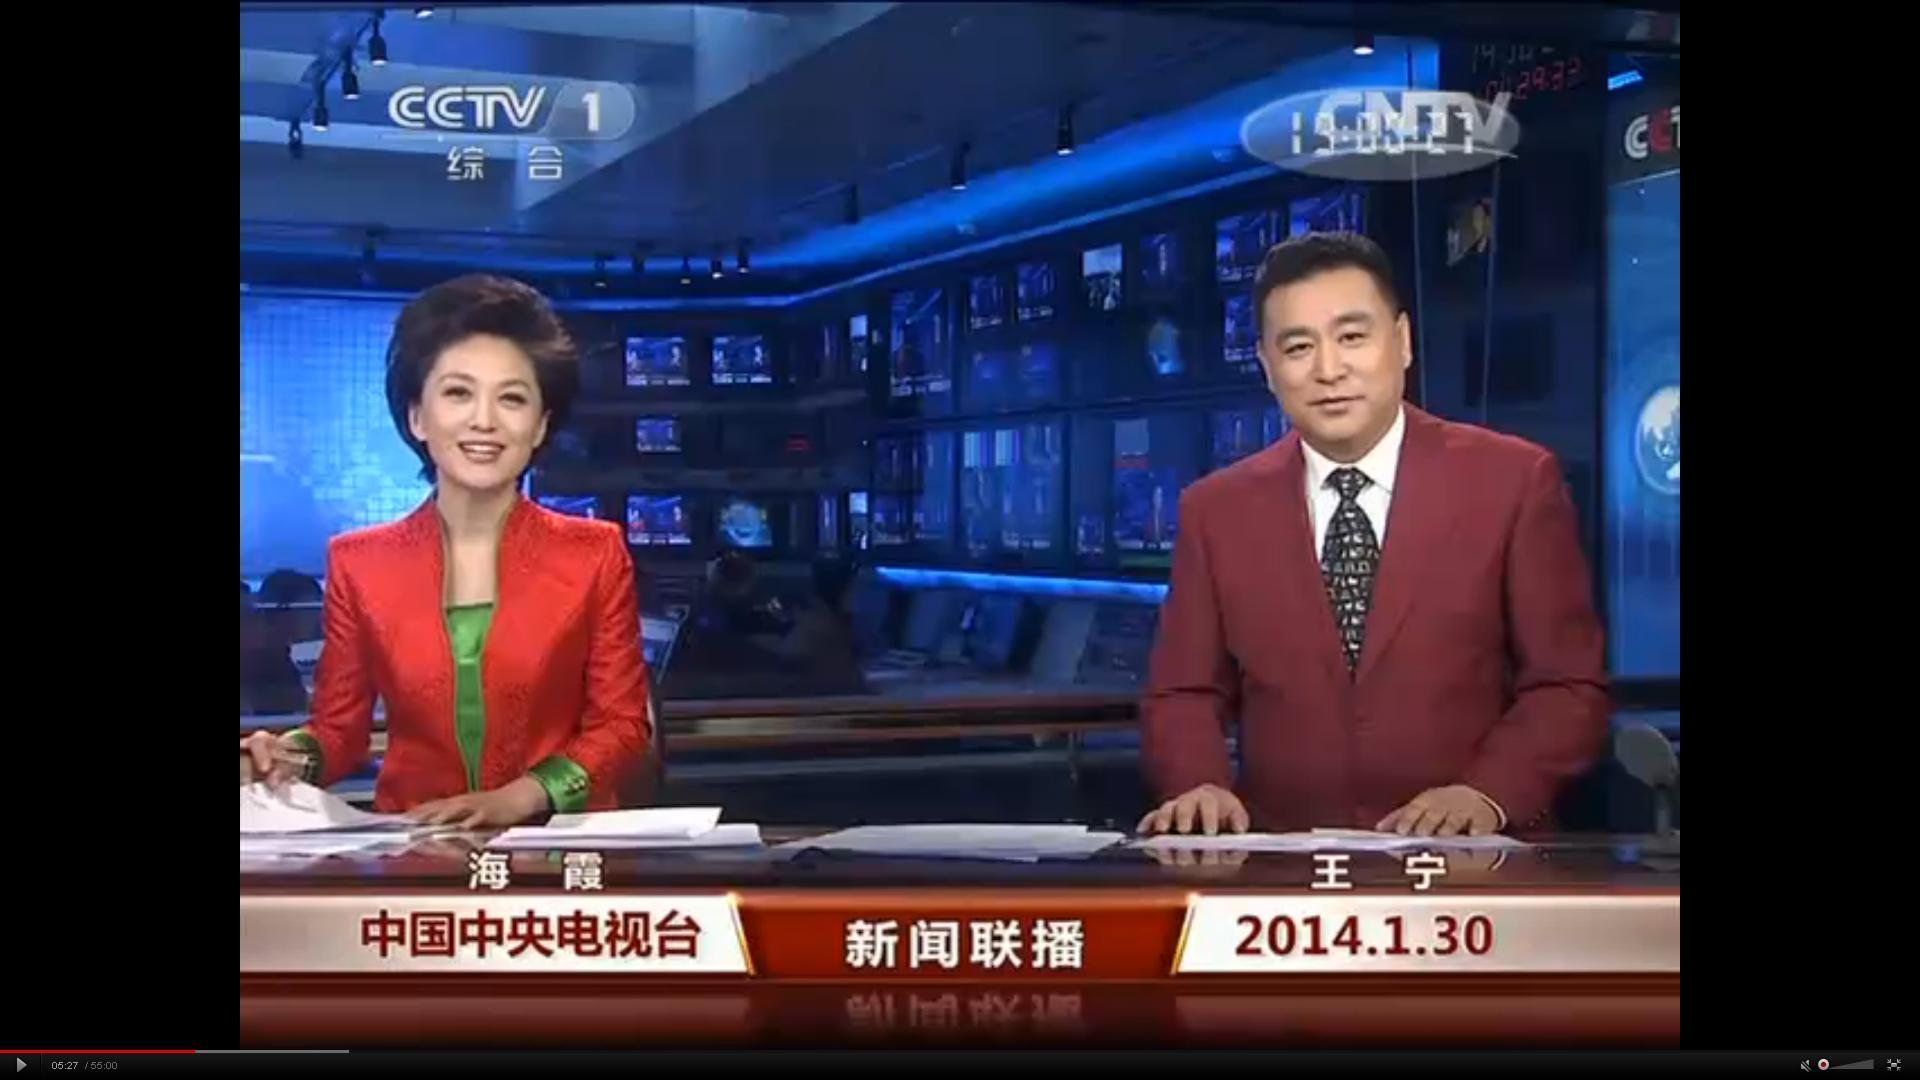 展开全部 1月30日晚19:00央视直播的《新闻联播》主持人:海霞图片